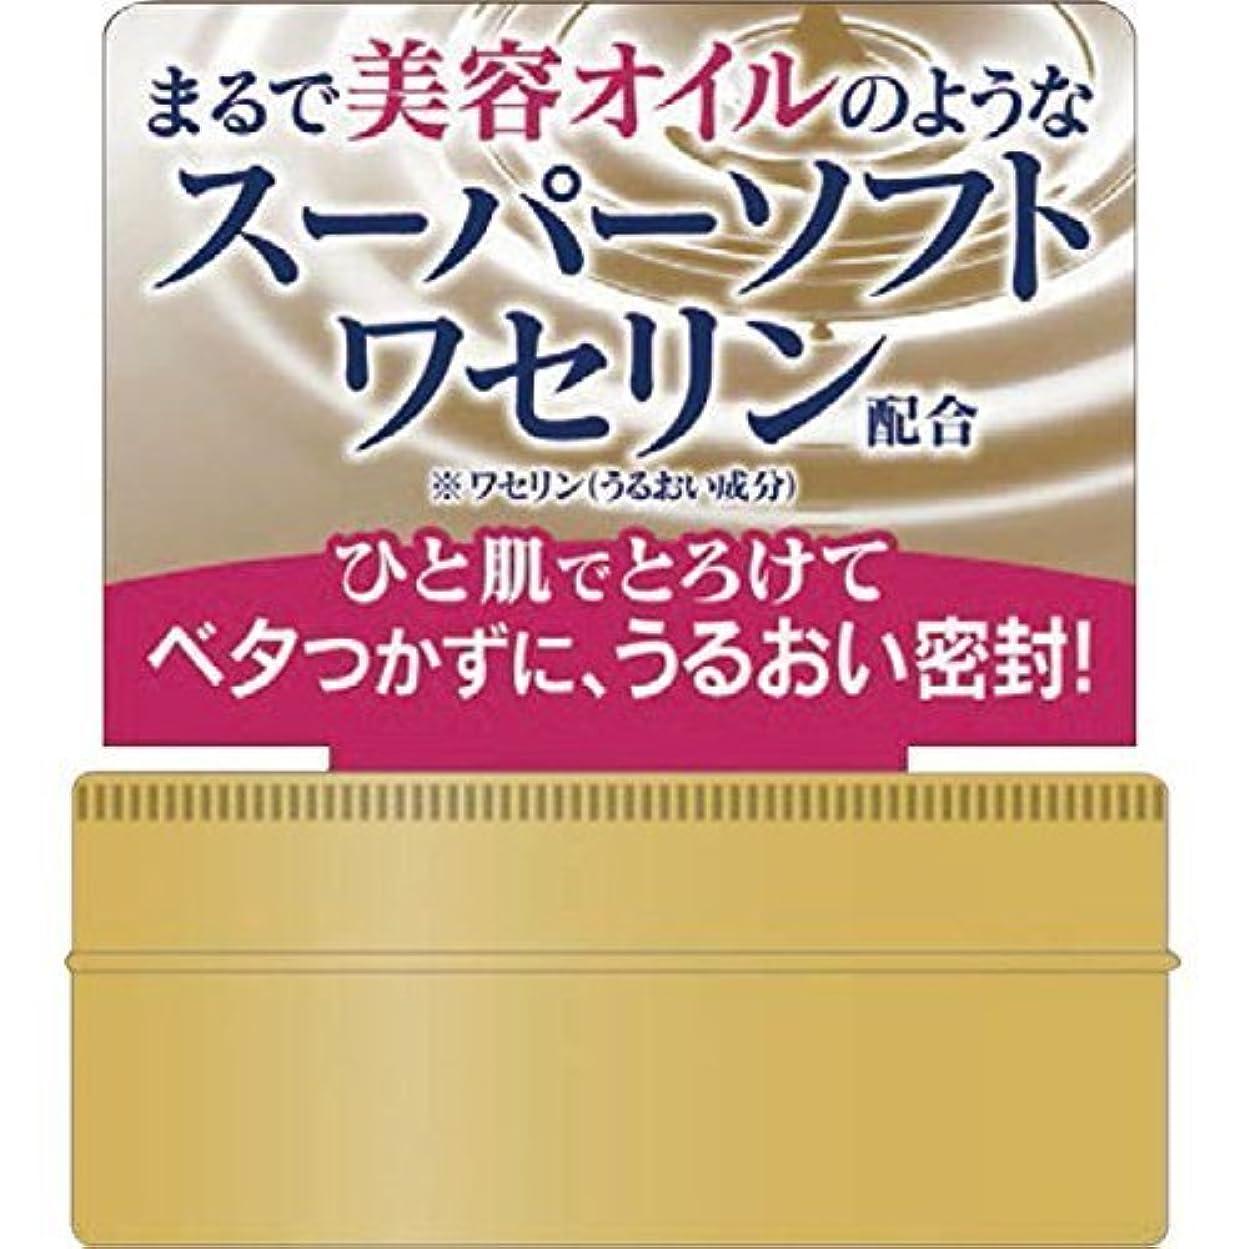 細部波花弁肌研(ハダラボ) 極潤プレミアム ヒアルロンオイルジェリー × 3個セット